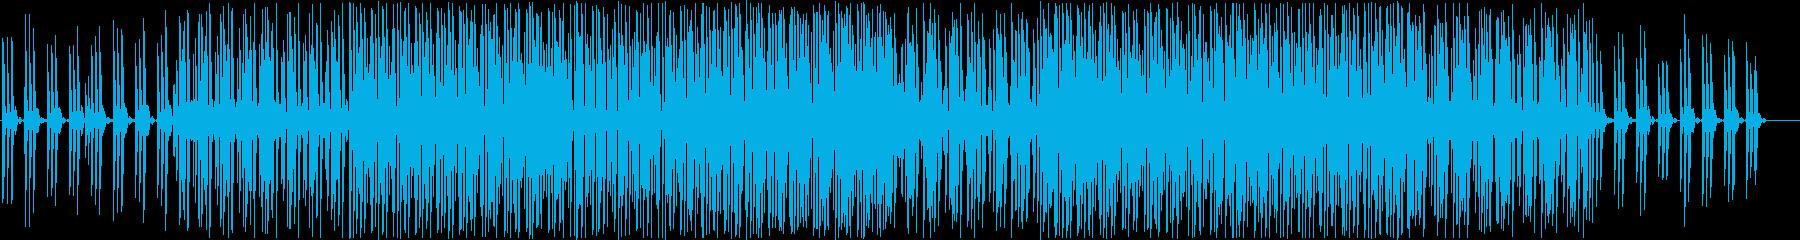 透明感のあるトロピカルハウス風の再生済みの波形